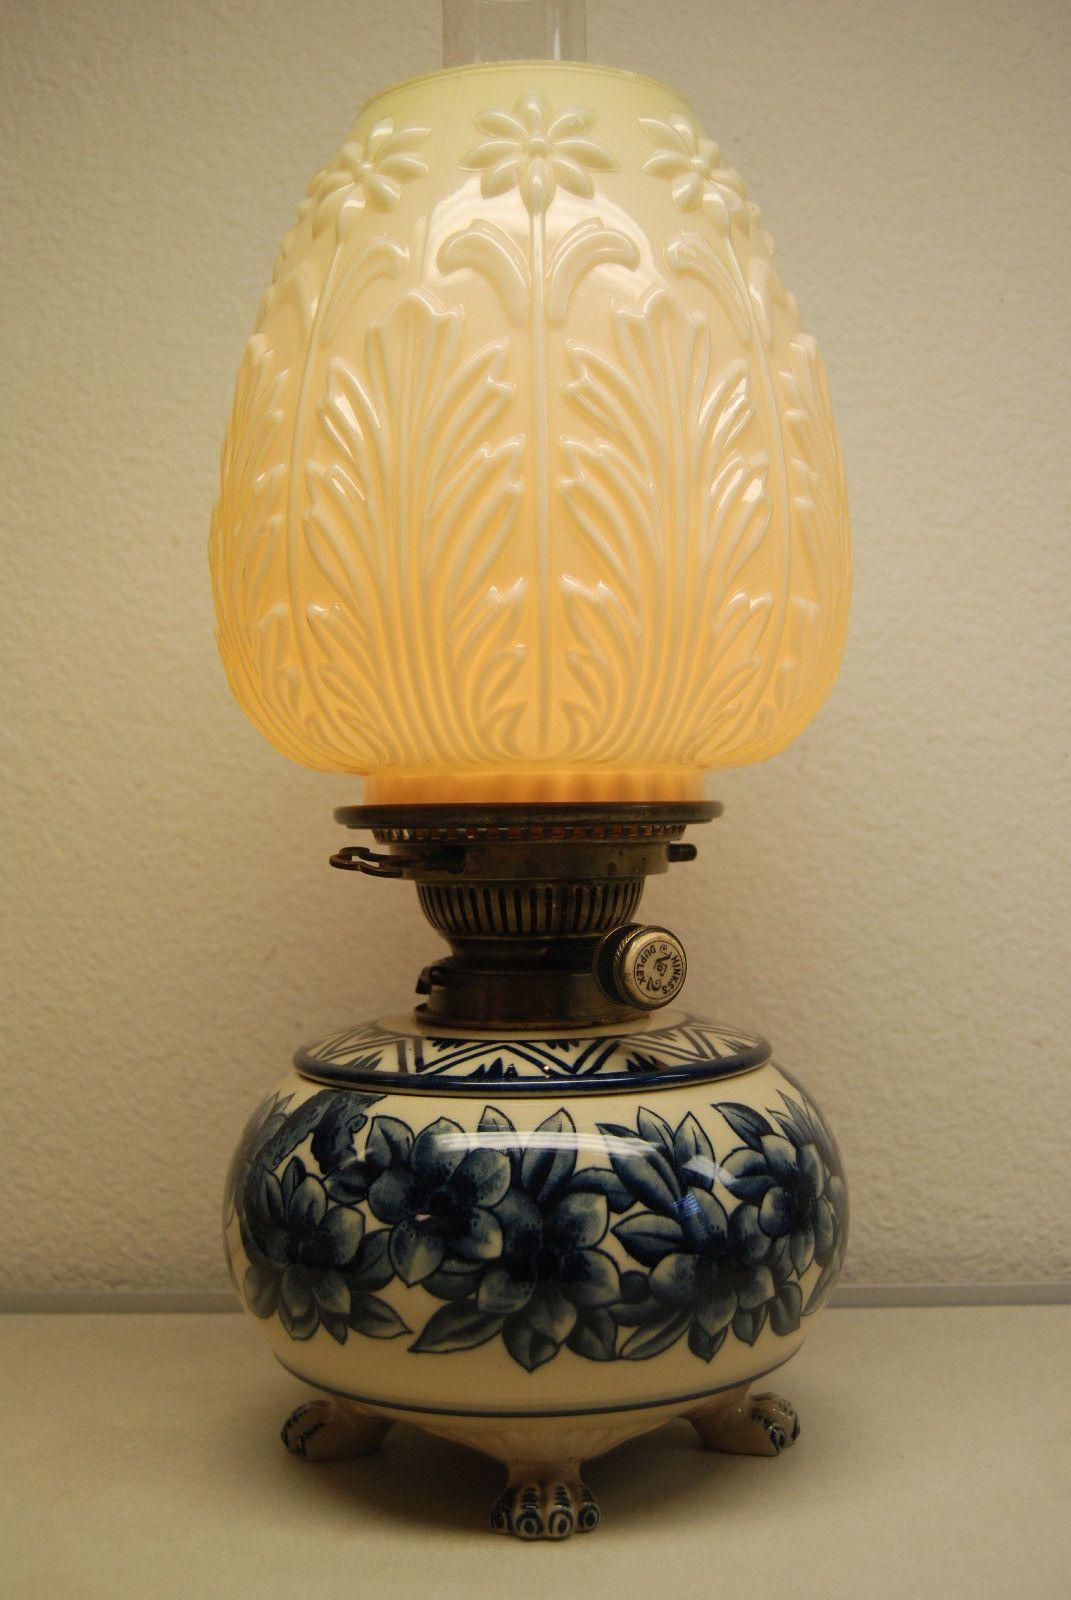 Antique Old English Porcelain Oil Kerosene Pottery Art Nouveau Arts Crafts Lamp Ebay Antique Oil Lamps Lamp Oil Lamps